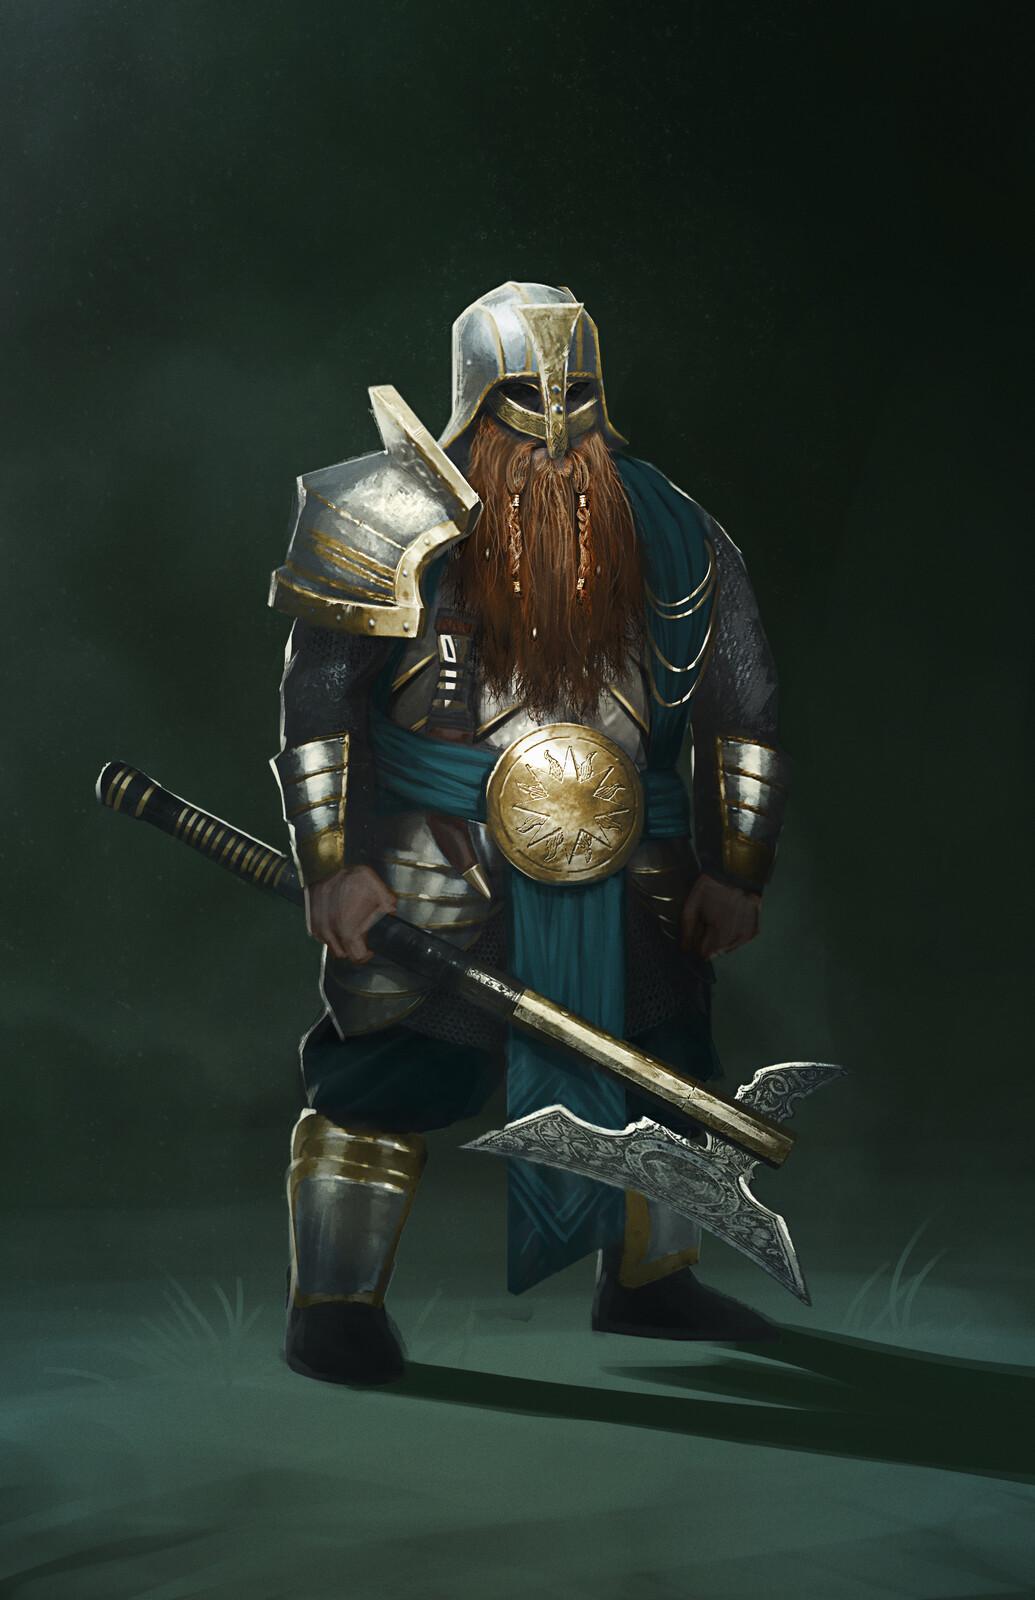 Dawnguard Legionnaire - Elite